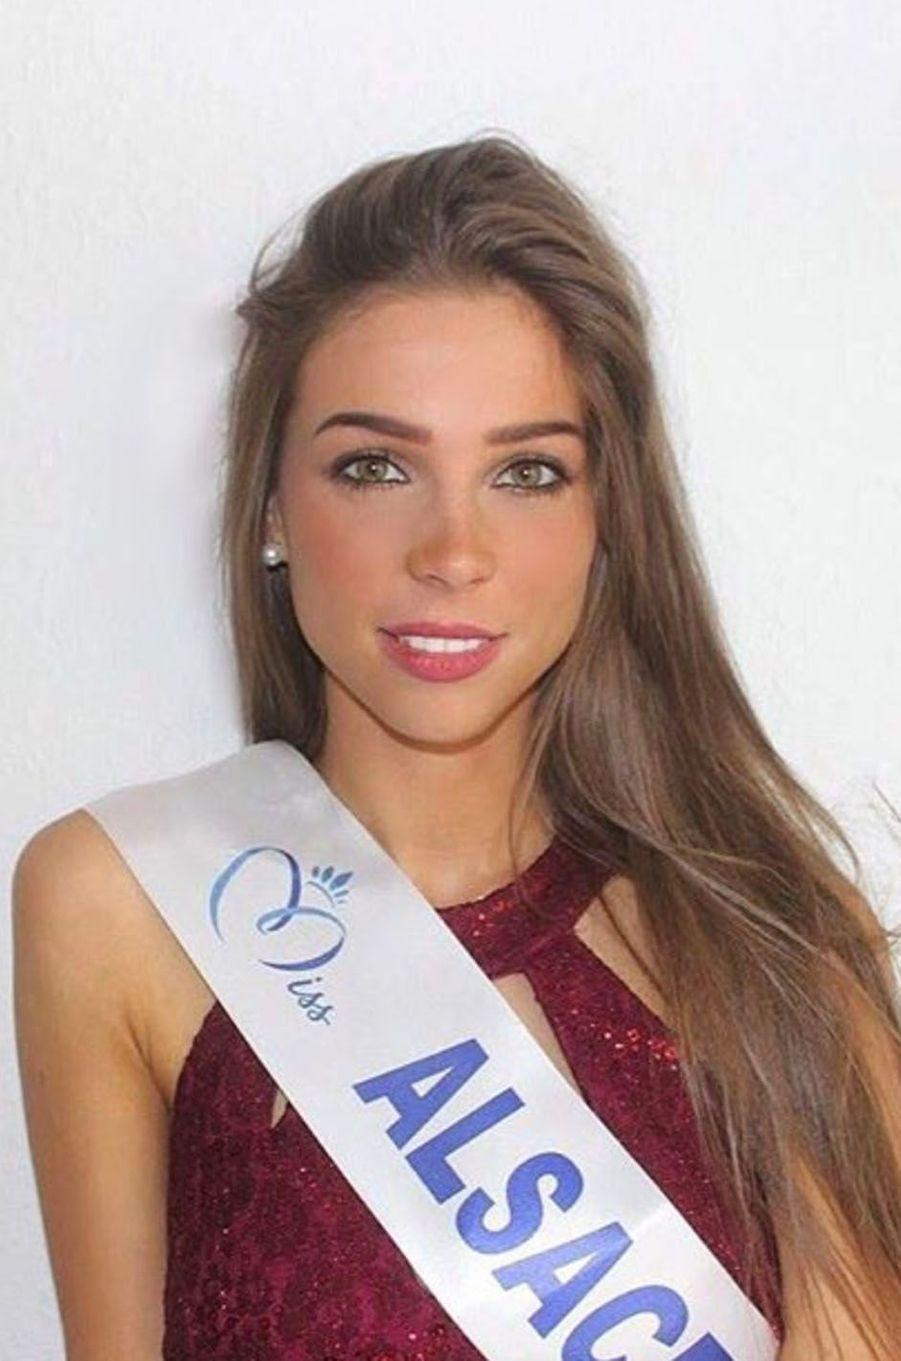 Joséphine Meisberger, Miss Alsace 2017.